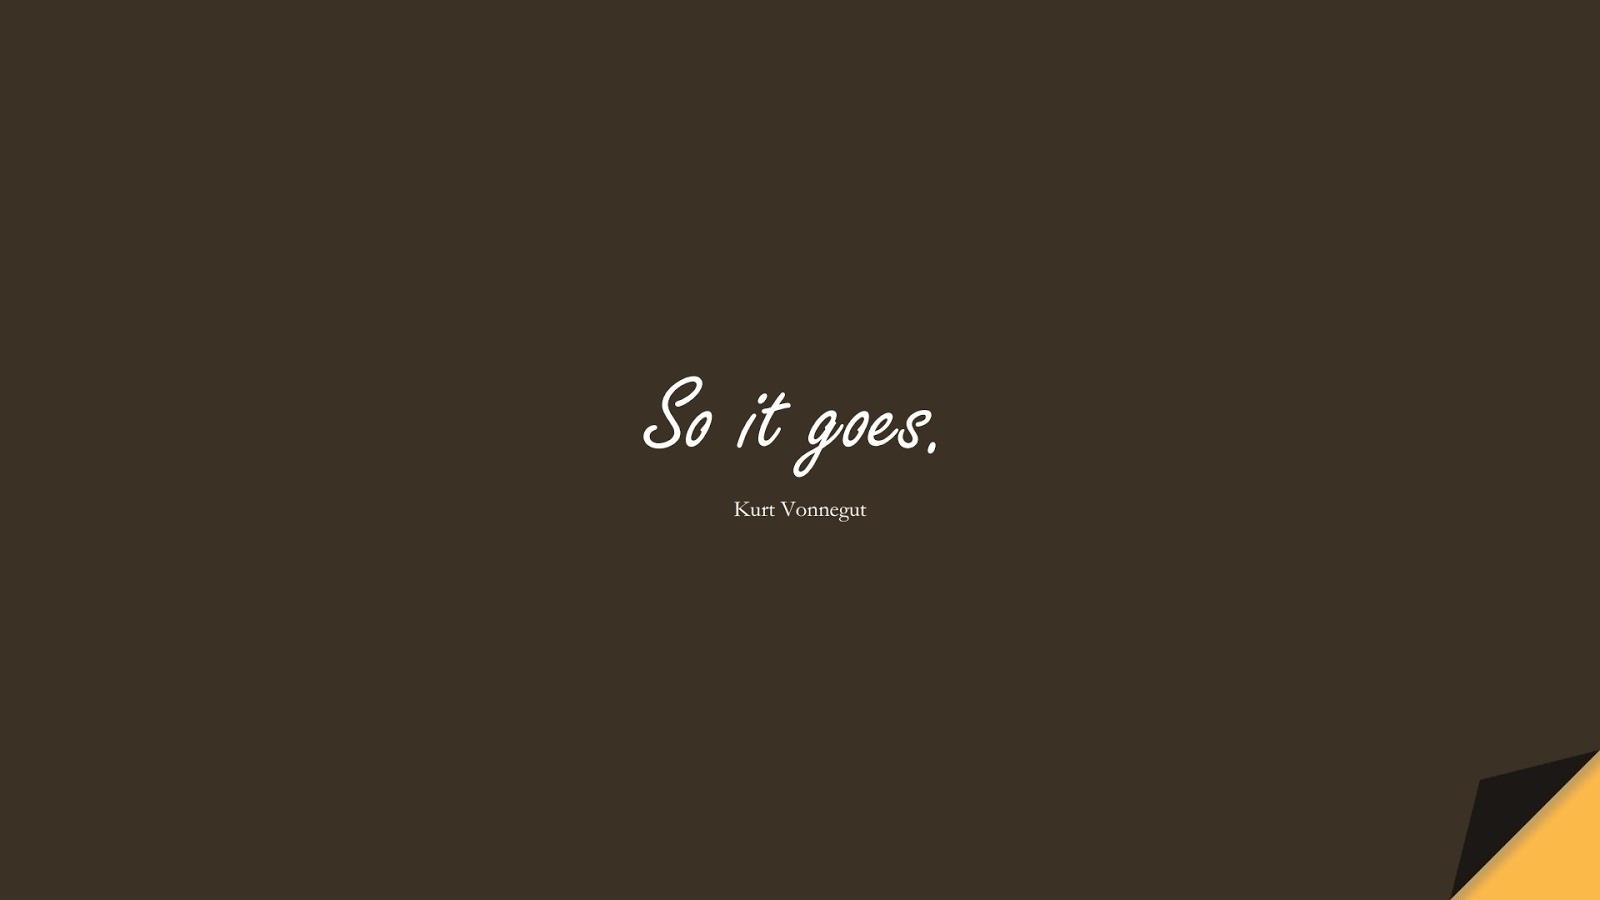 So it goes. (Kurt Vonnegut);  #ShortQuotes